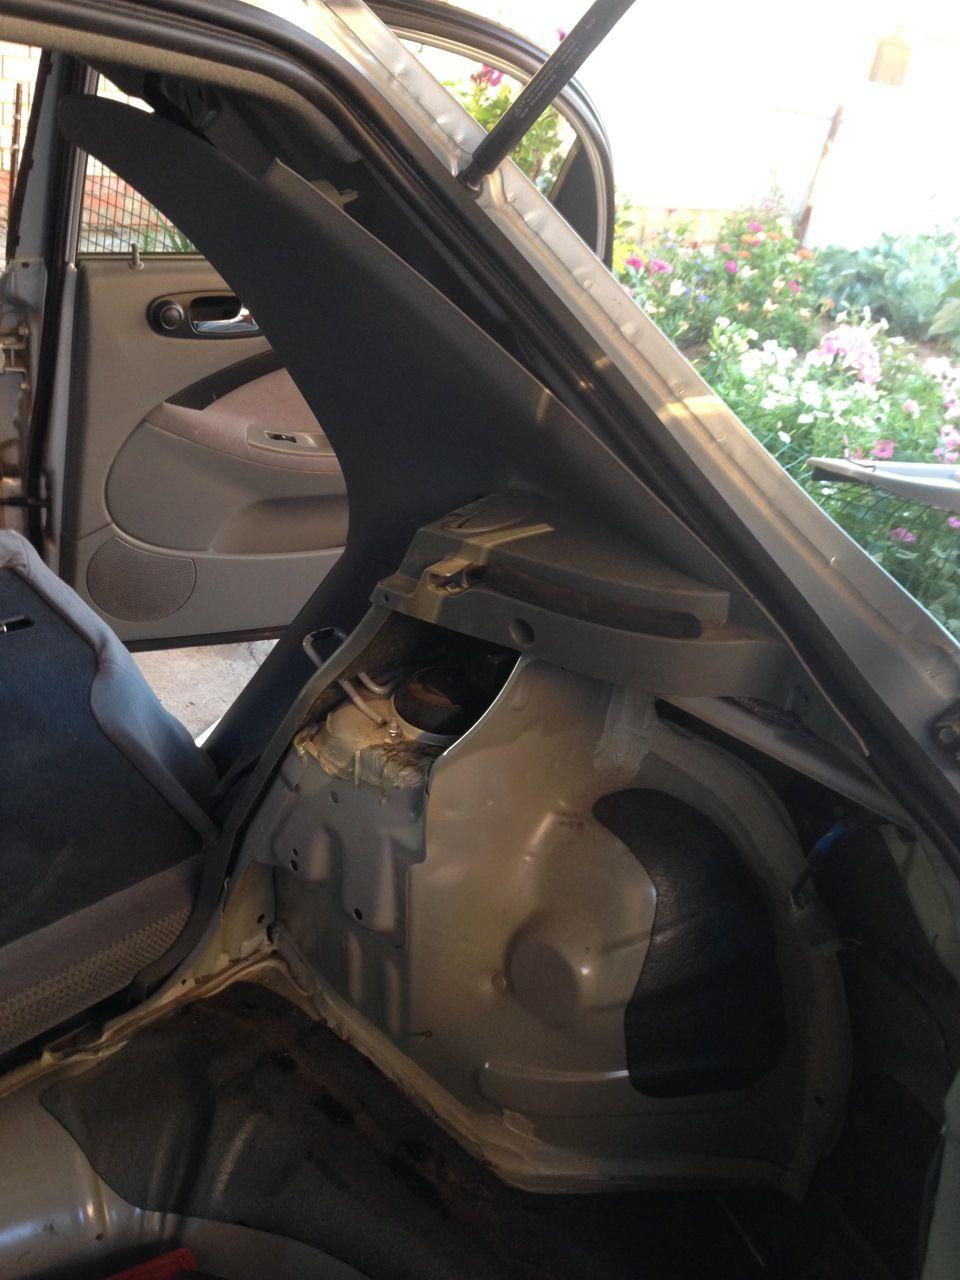 Месторасположение крепления задней стойки в багажнике Шевроле Лачетти